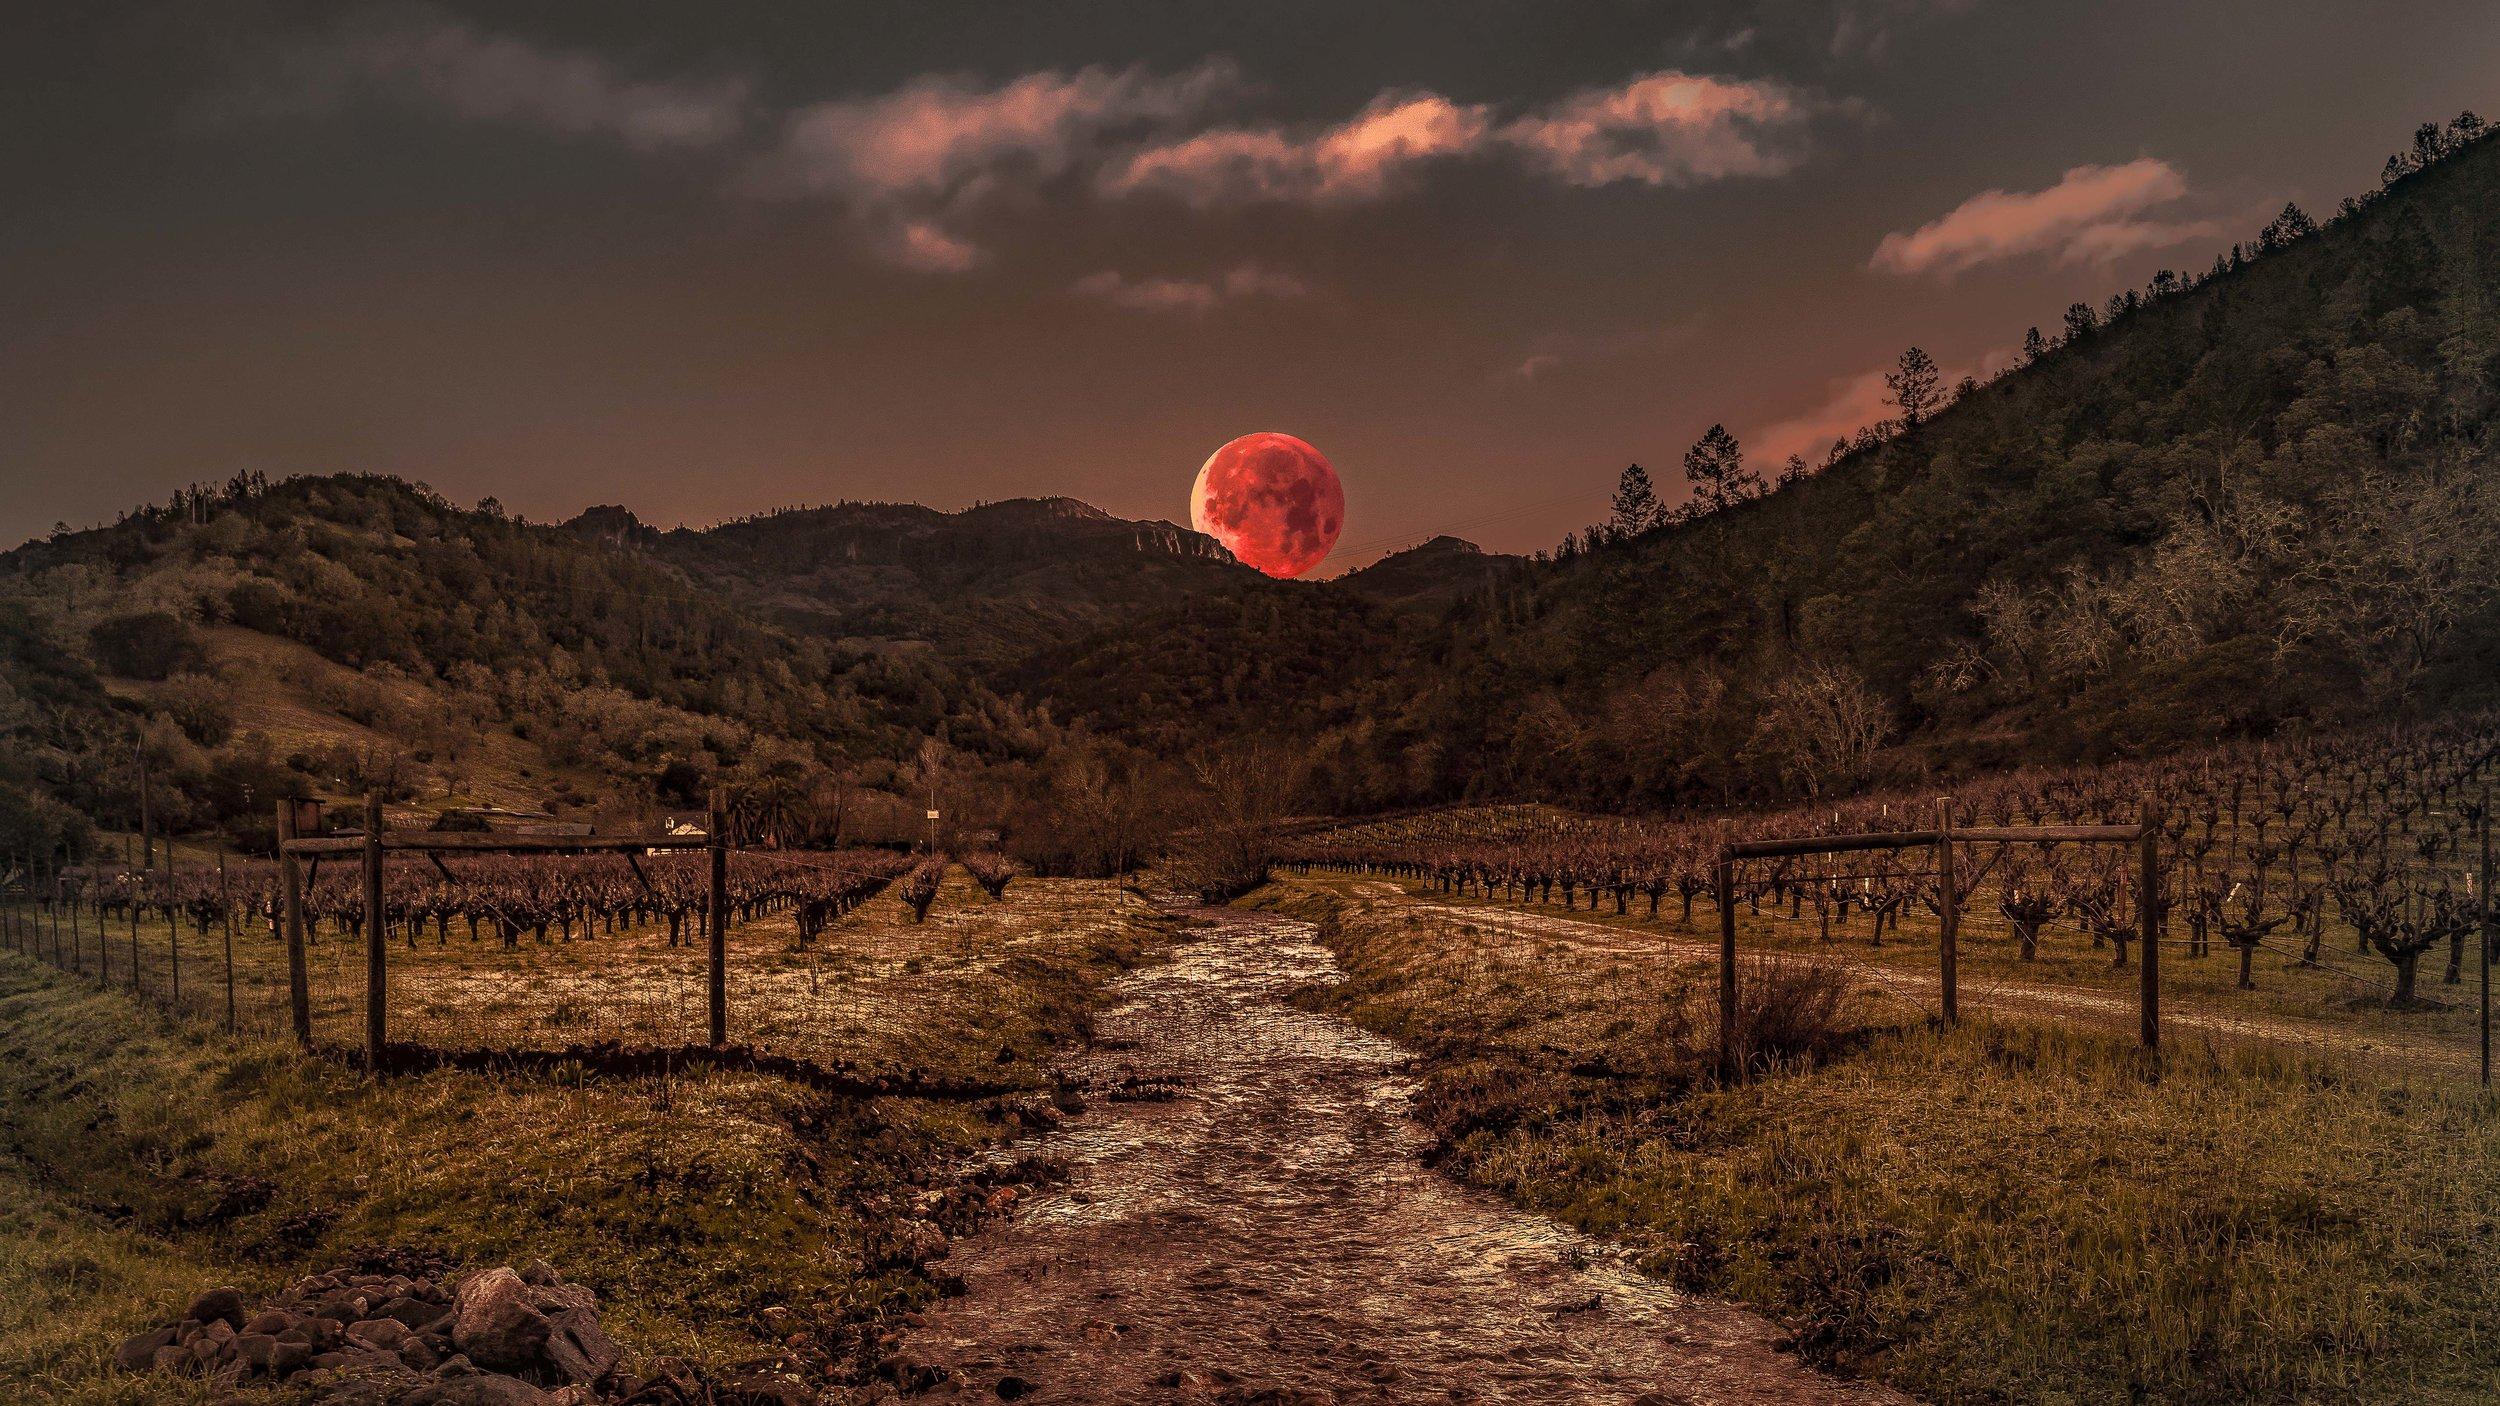 Newmenic_022_wolf moon 2.jpg